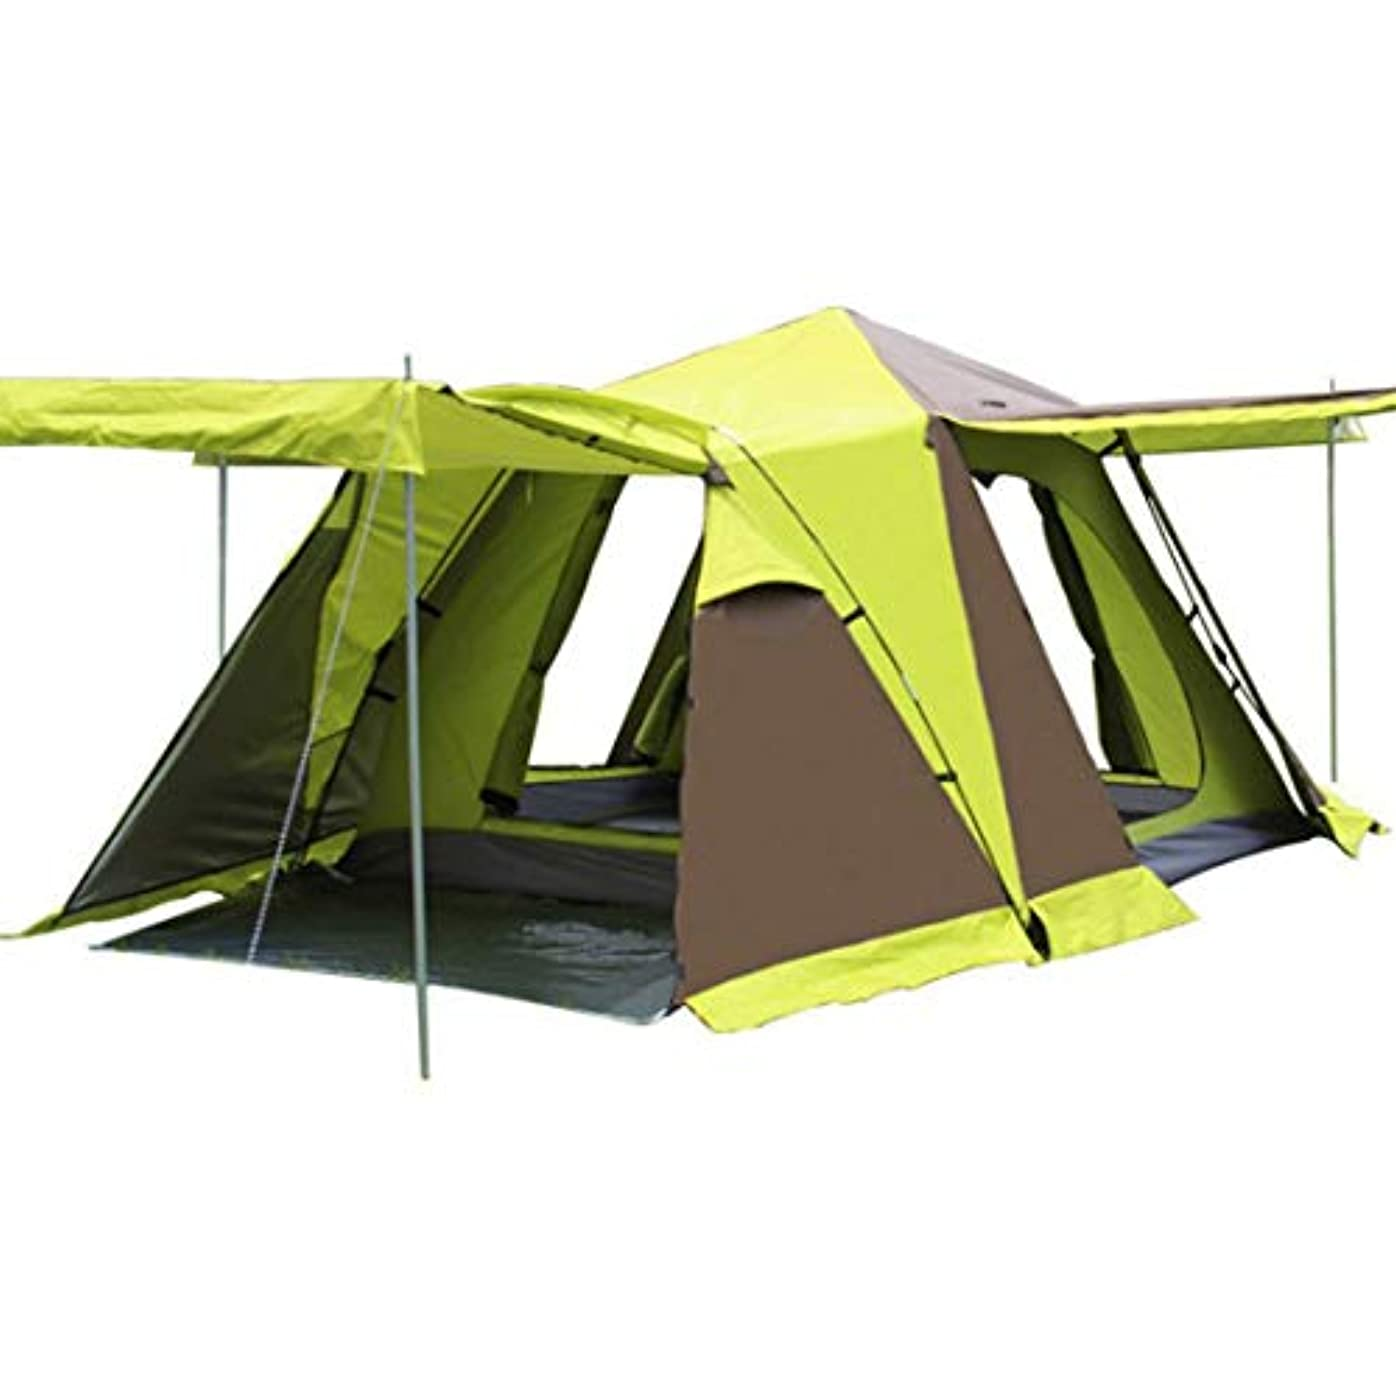 冗長分散考古学スノースカートの四方屋根の自動キャンプの屋外のMHKBD-JPの4ドアのドアキャンプテント キャンプテント (色 : オレンジ, サイズ : 3-4P)